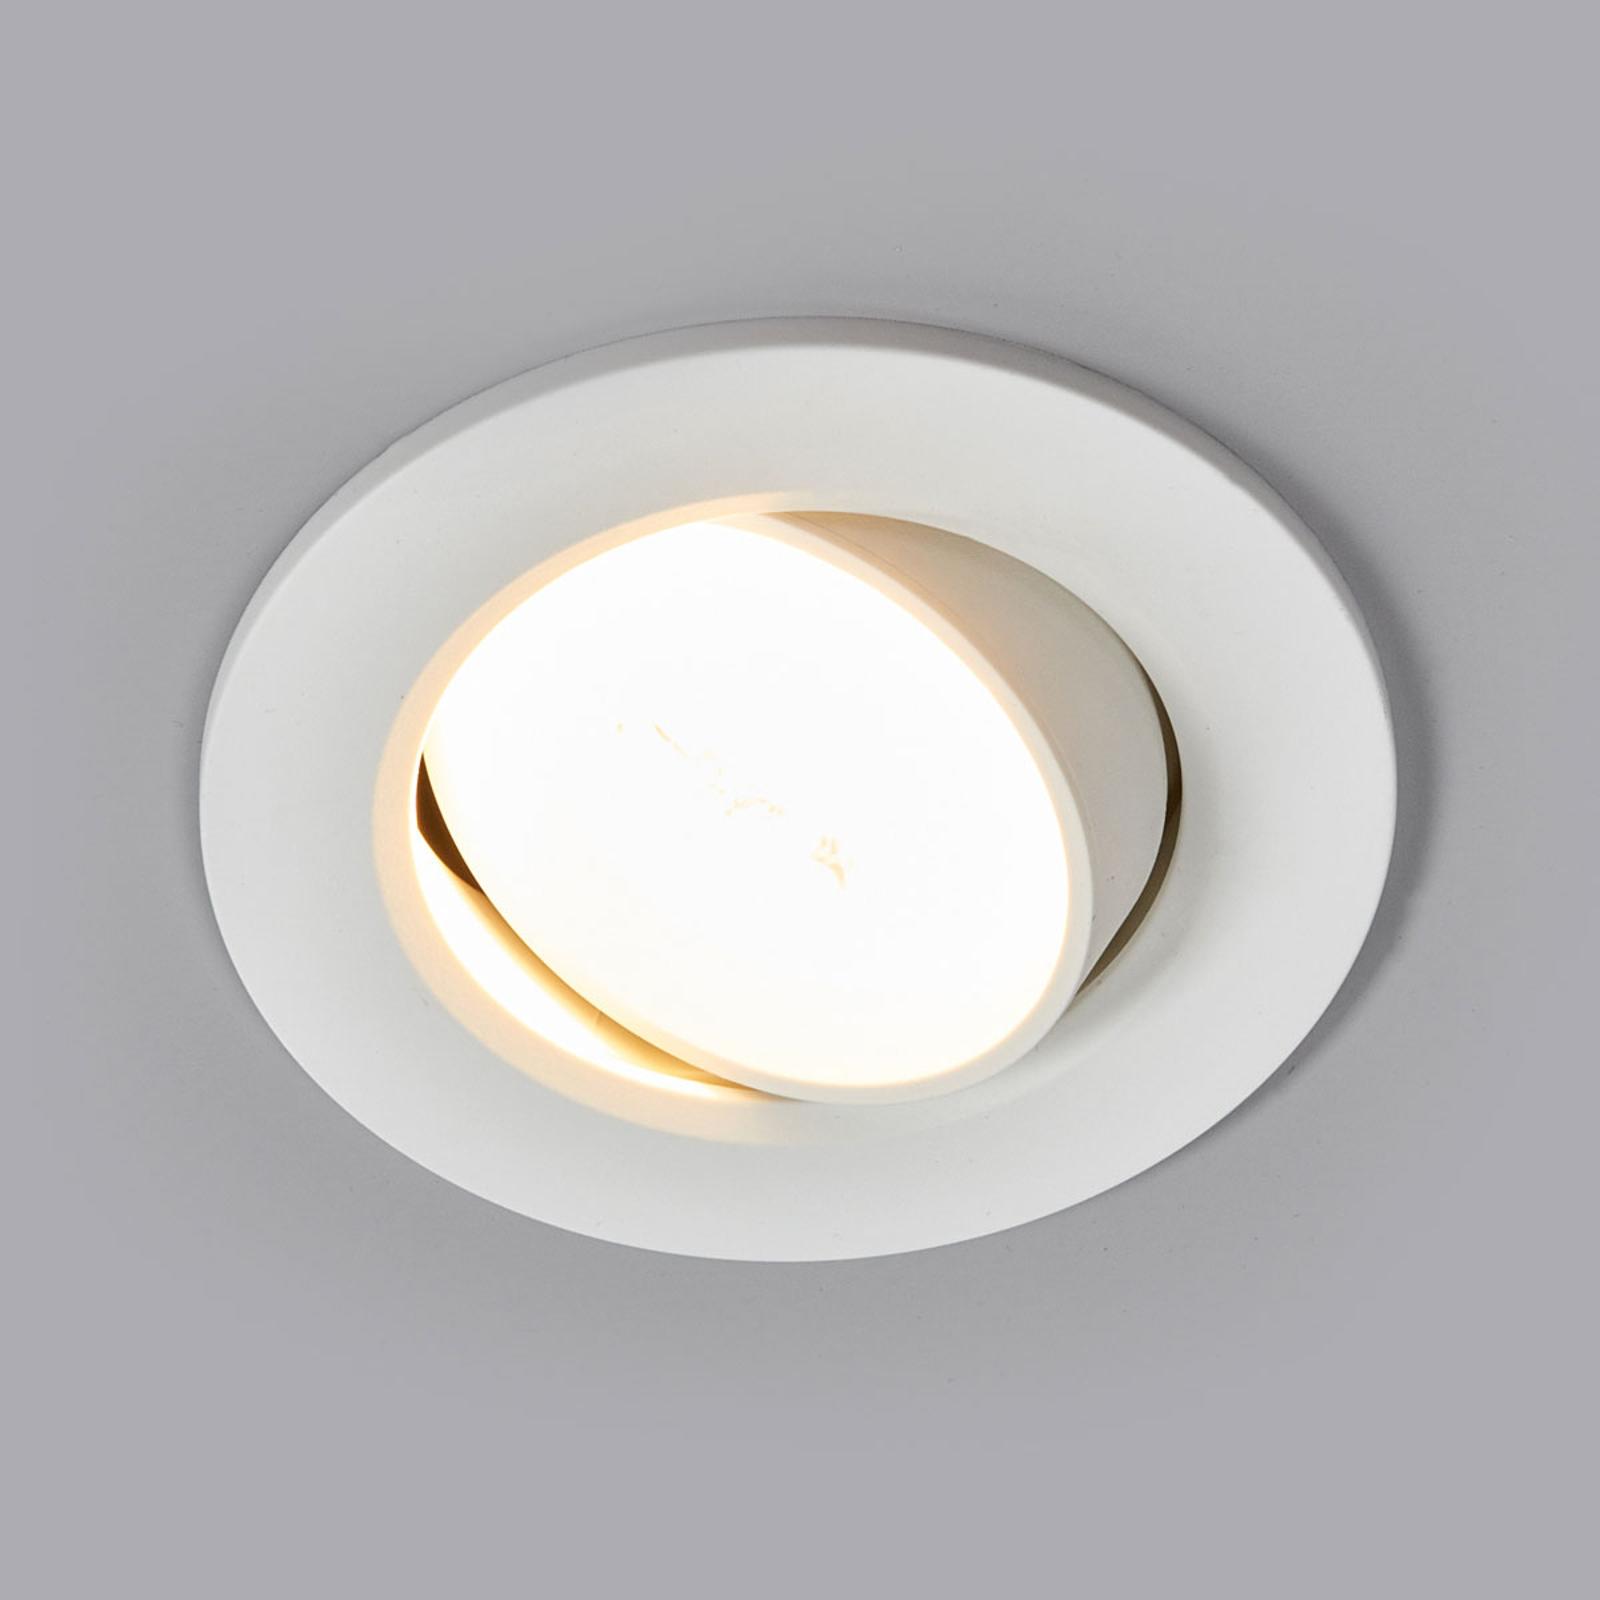 Lampe encastrable LED Quentin en blanc, 6 W